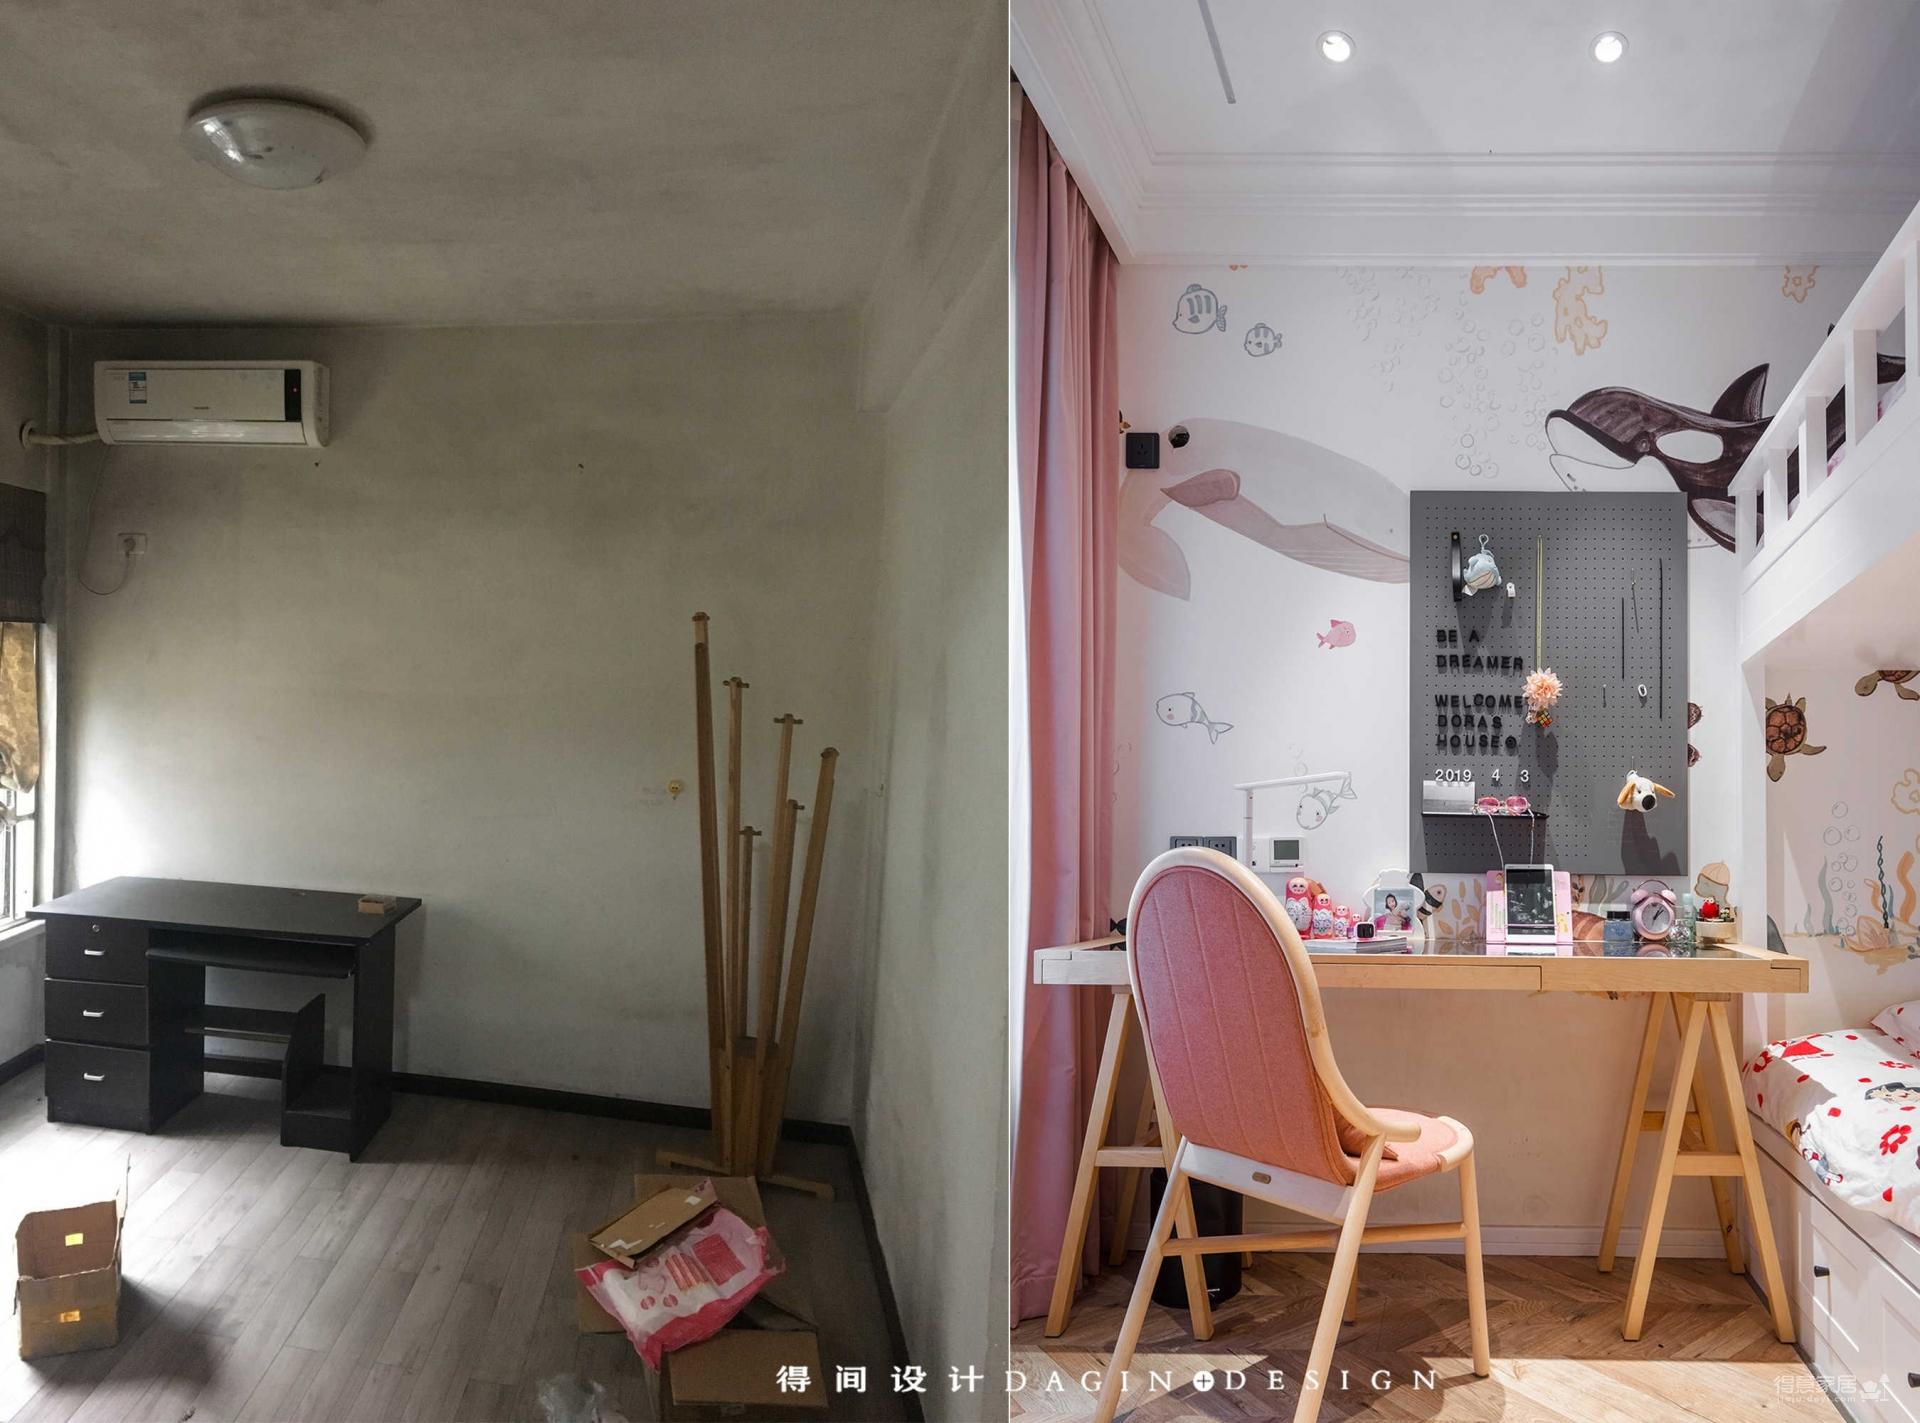 破旧二手房爆改四房:明亮大客厅2个儿童房